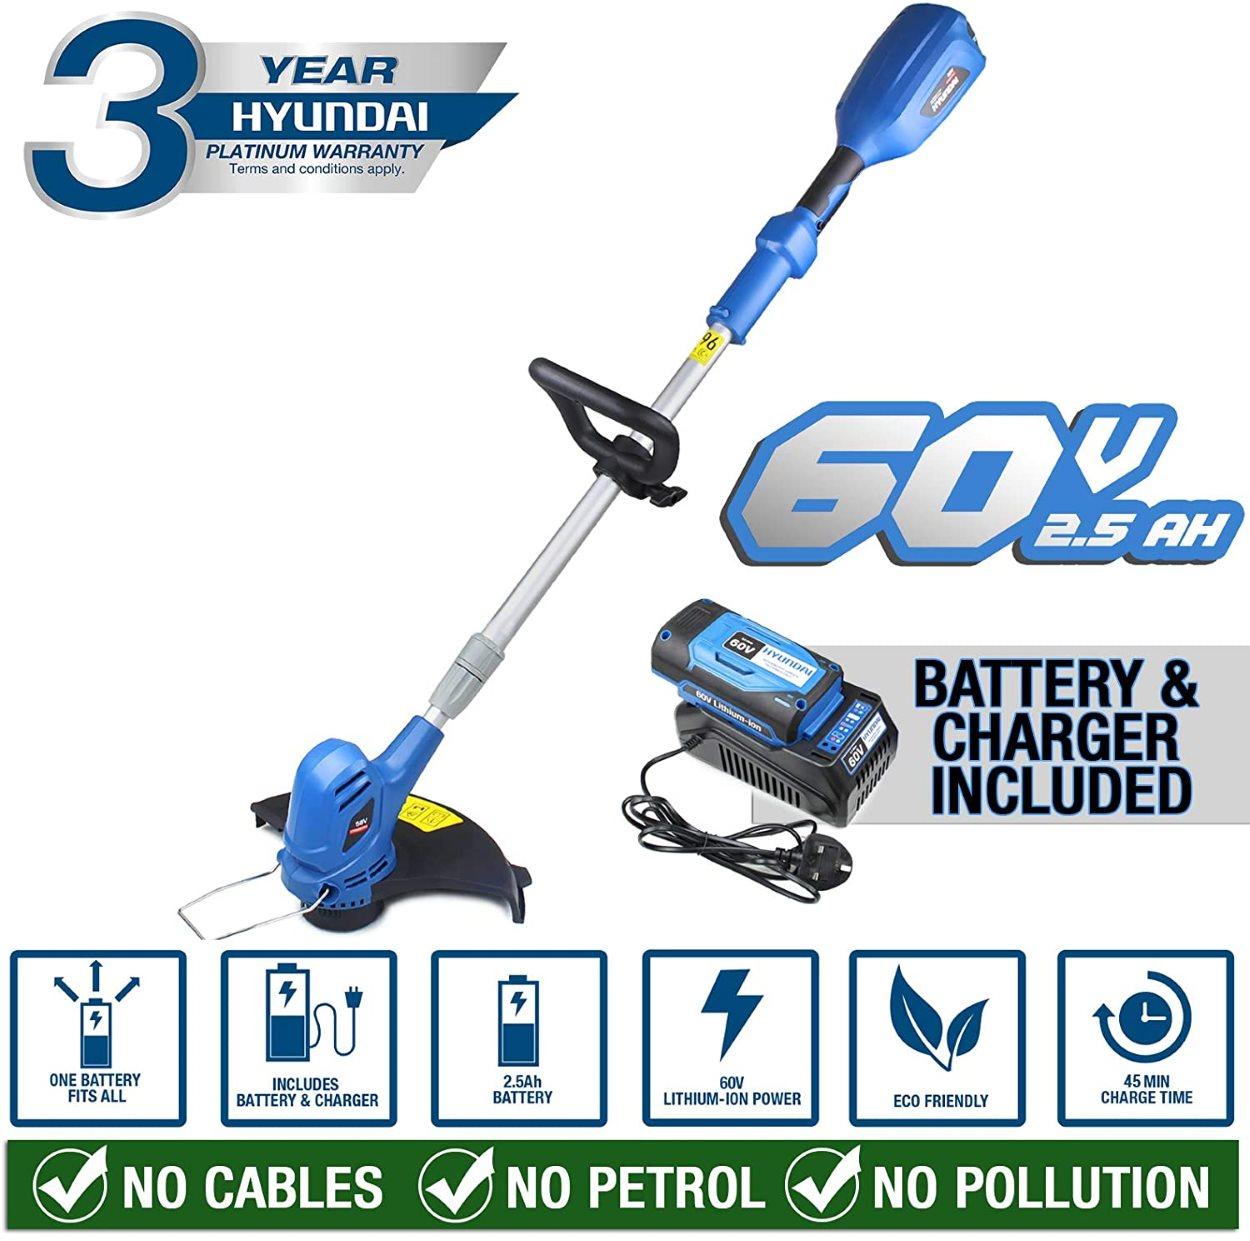 Hyundai 60V Grass Trimmer Key Features